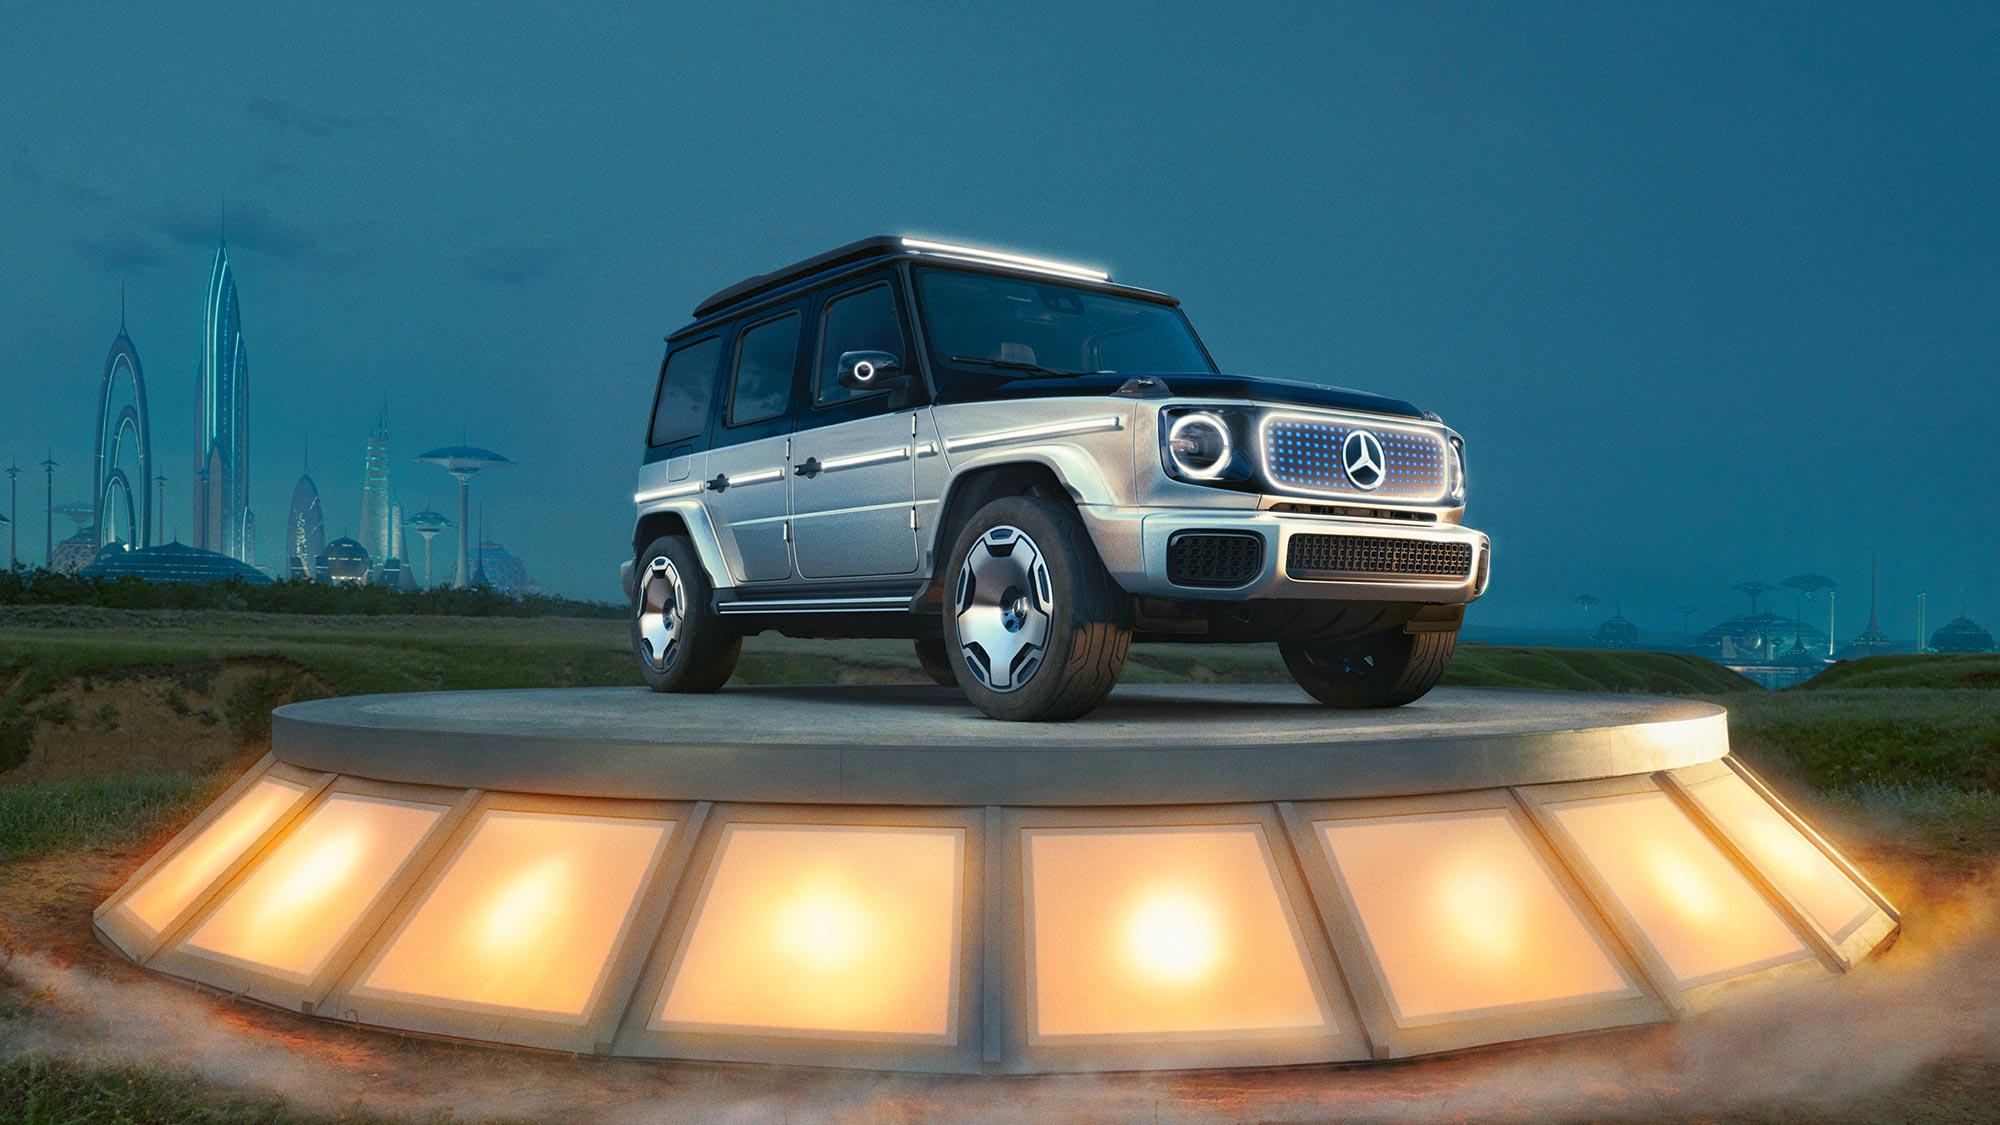 Mercedes-Benz Concept EQG SUV